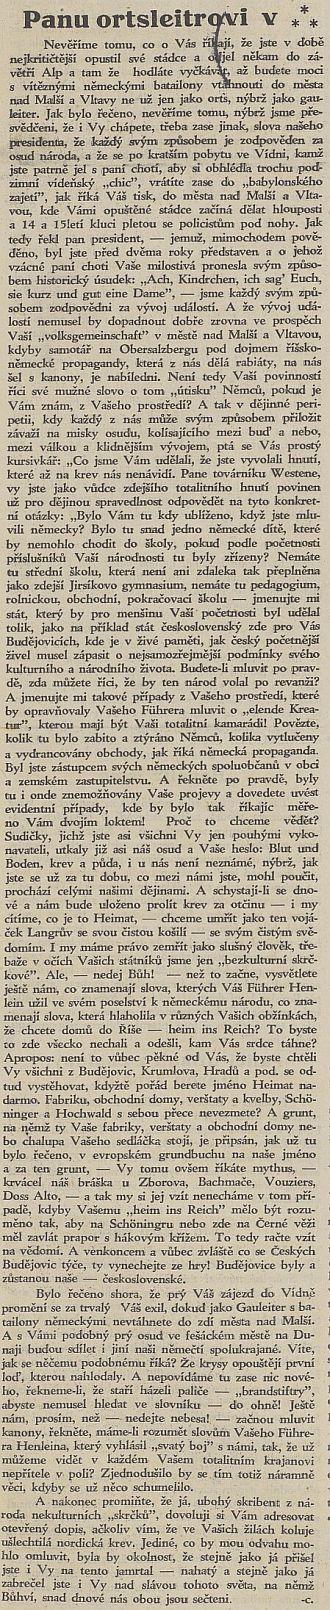 Dne 17. září 1938 mohl ještě vyjít v Jihočeských listech tento článek, adresovaný Westenovi a podepsaný zasvěcenému okruhu dobře známou šifrou -c, kterou se kryl Dr. Bohumír Borkovec (1889-1949)